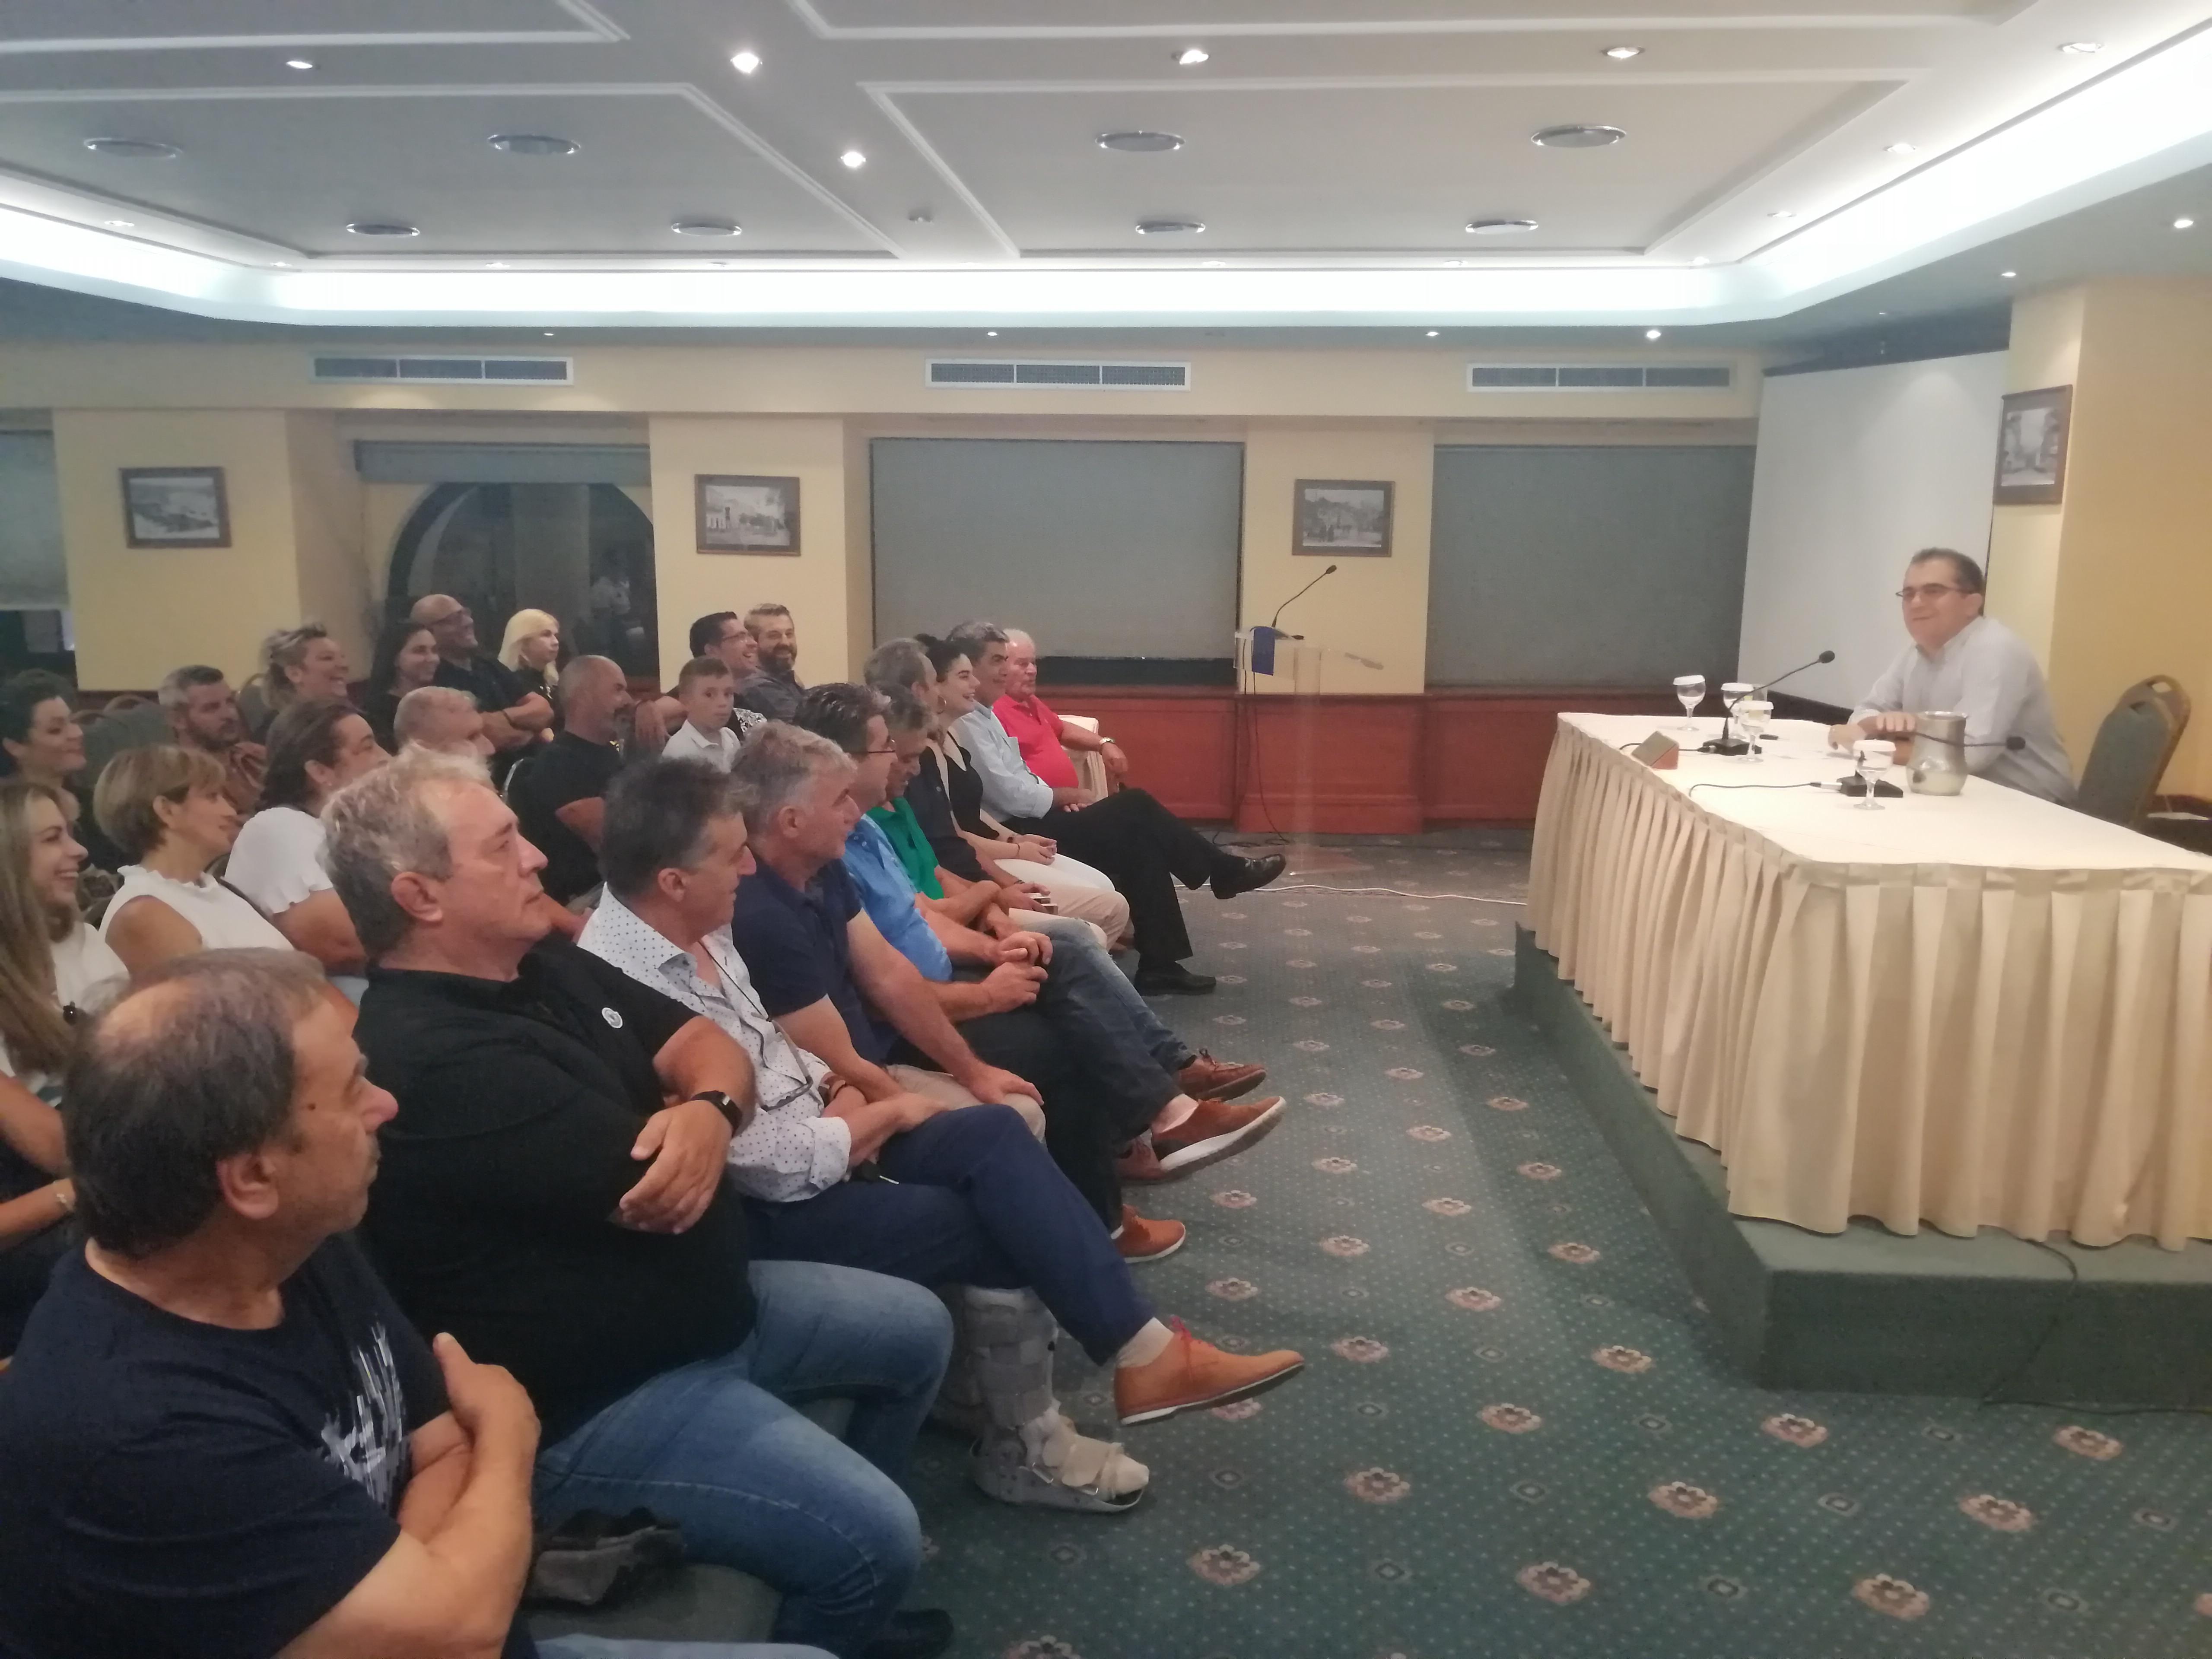 Παράταξη Βασιλόπουλου: Τον Σεπτέμβριο θα καθοριστεί το πλαίσιο δράσης και λειτουργίας της